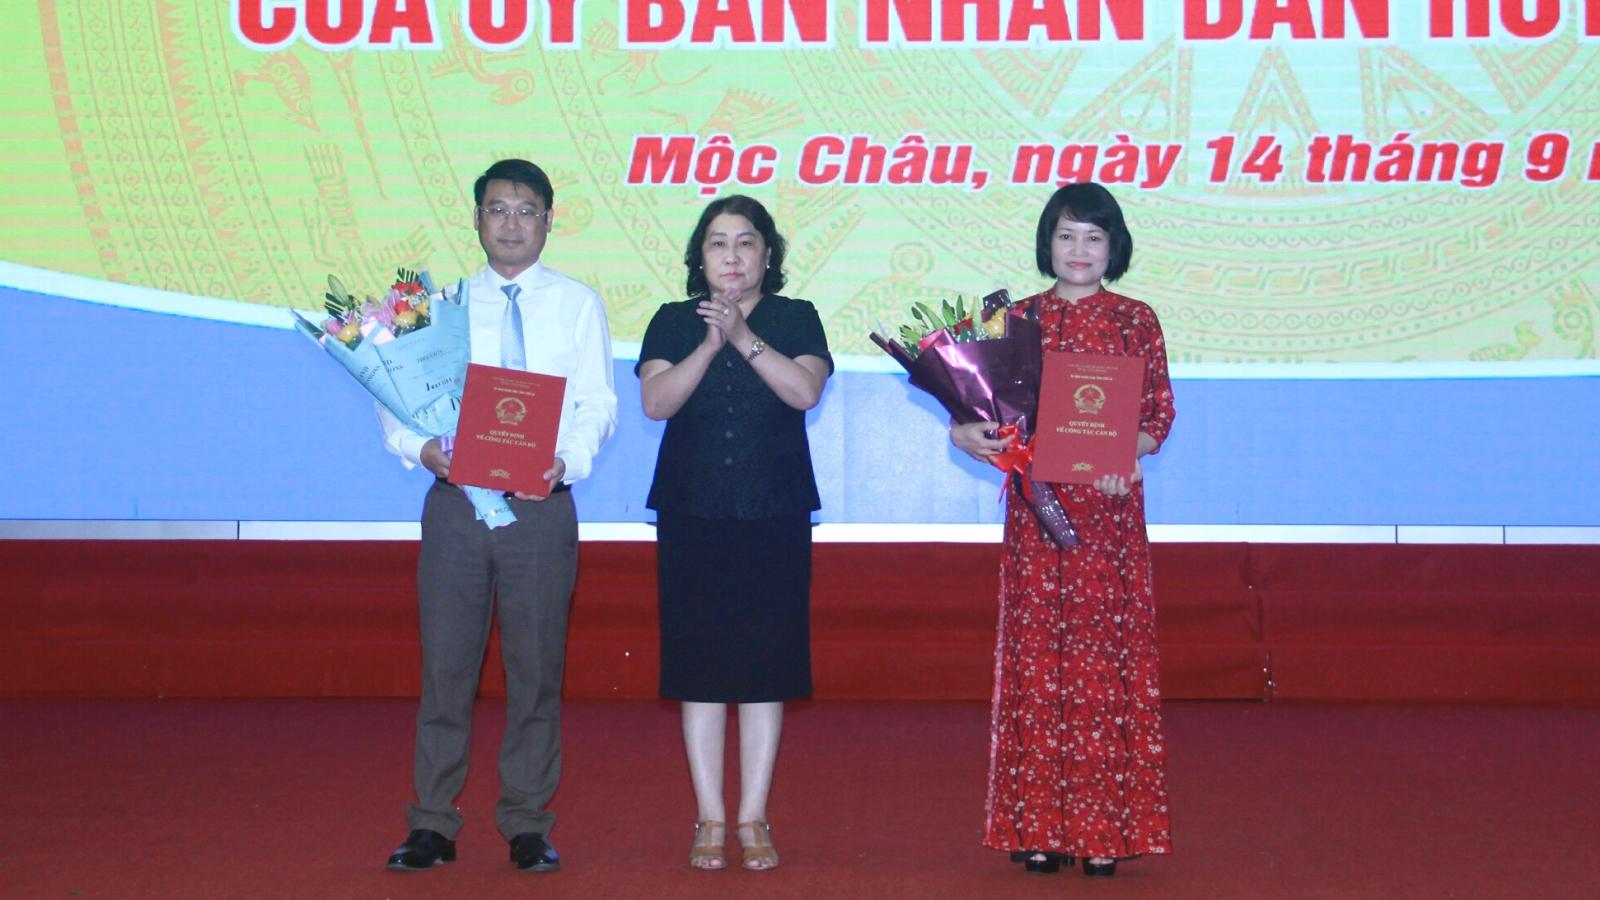 Chủ tịch Sơn La phê chuẩn tân Chủ tịch huyện Mộc Châu